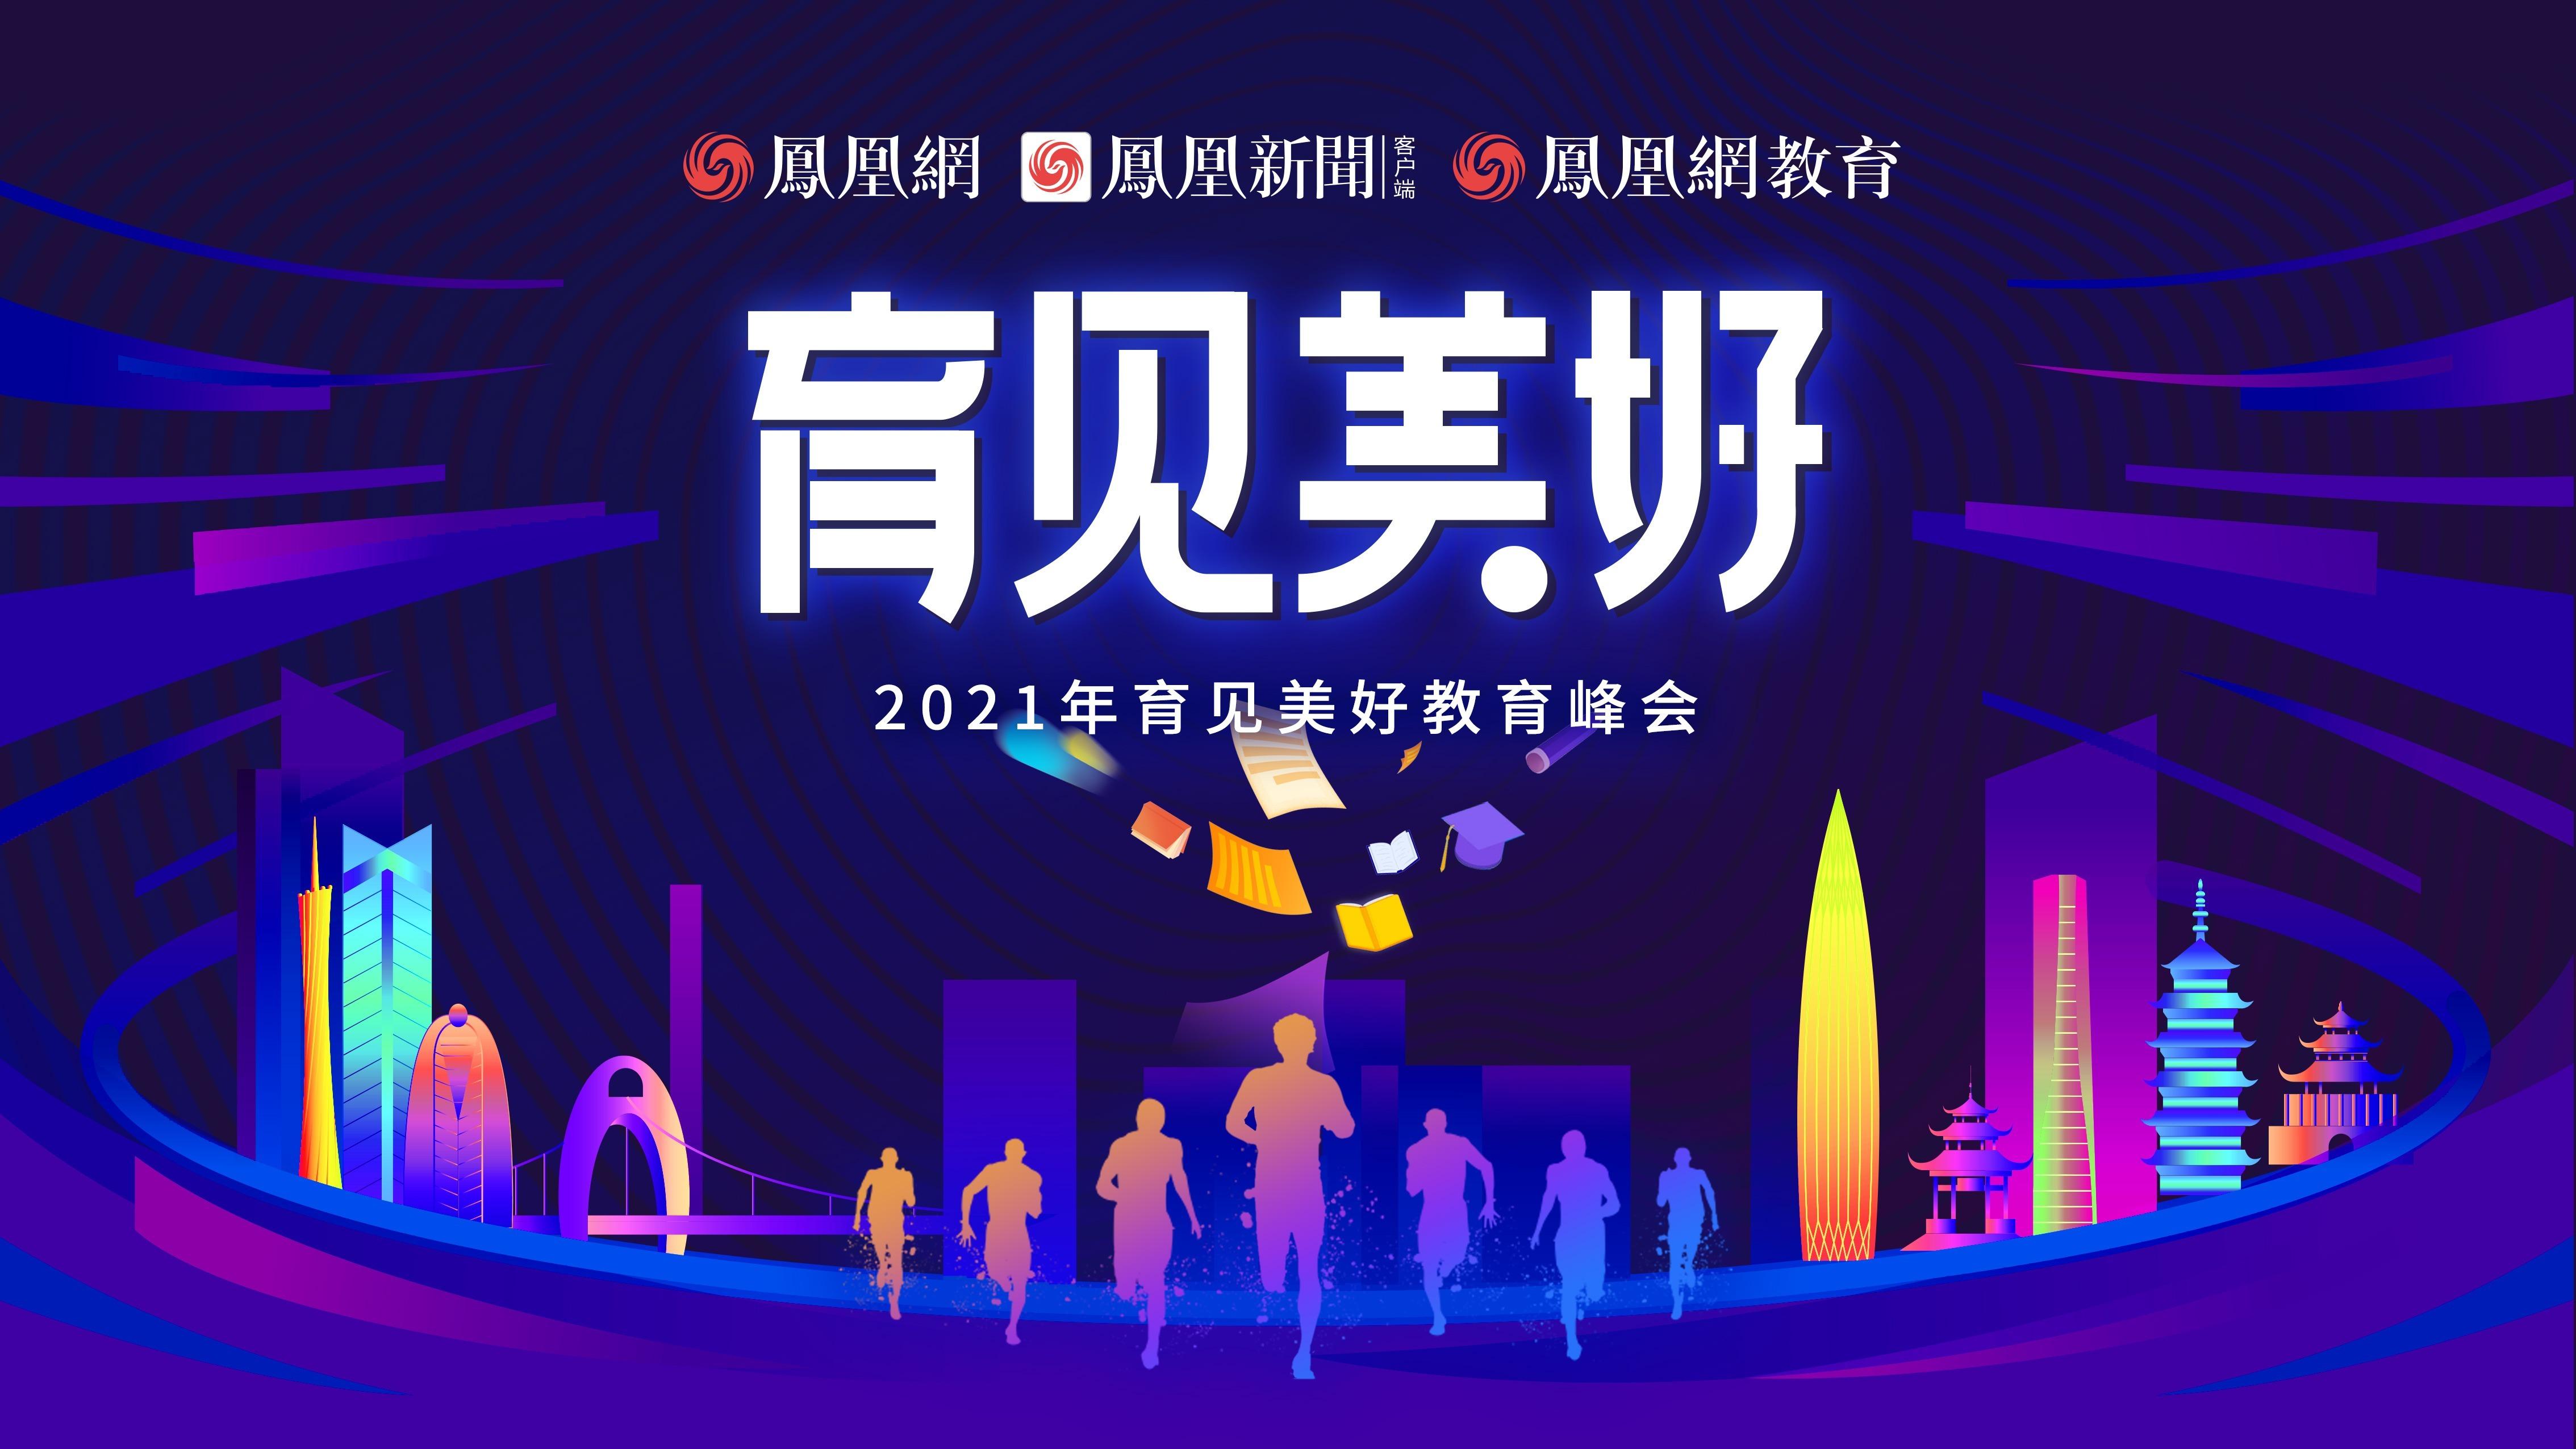 """凤凰网2021年""""育见美好""""教育峰会将于11月9日举办 年度教育奖项评选启动"""